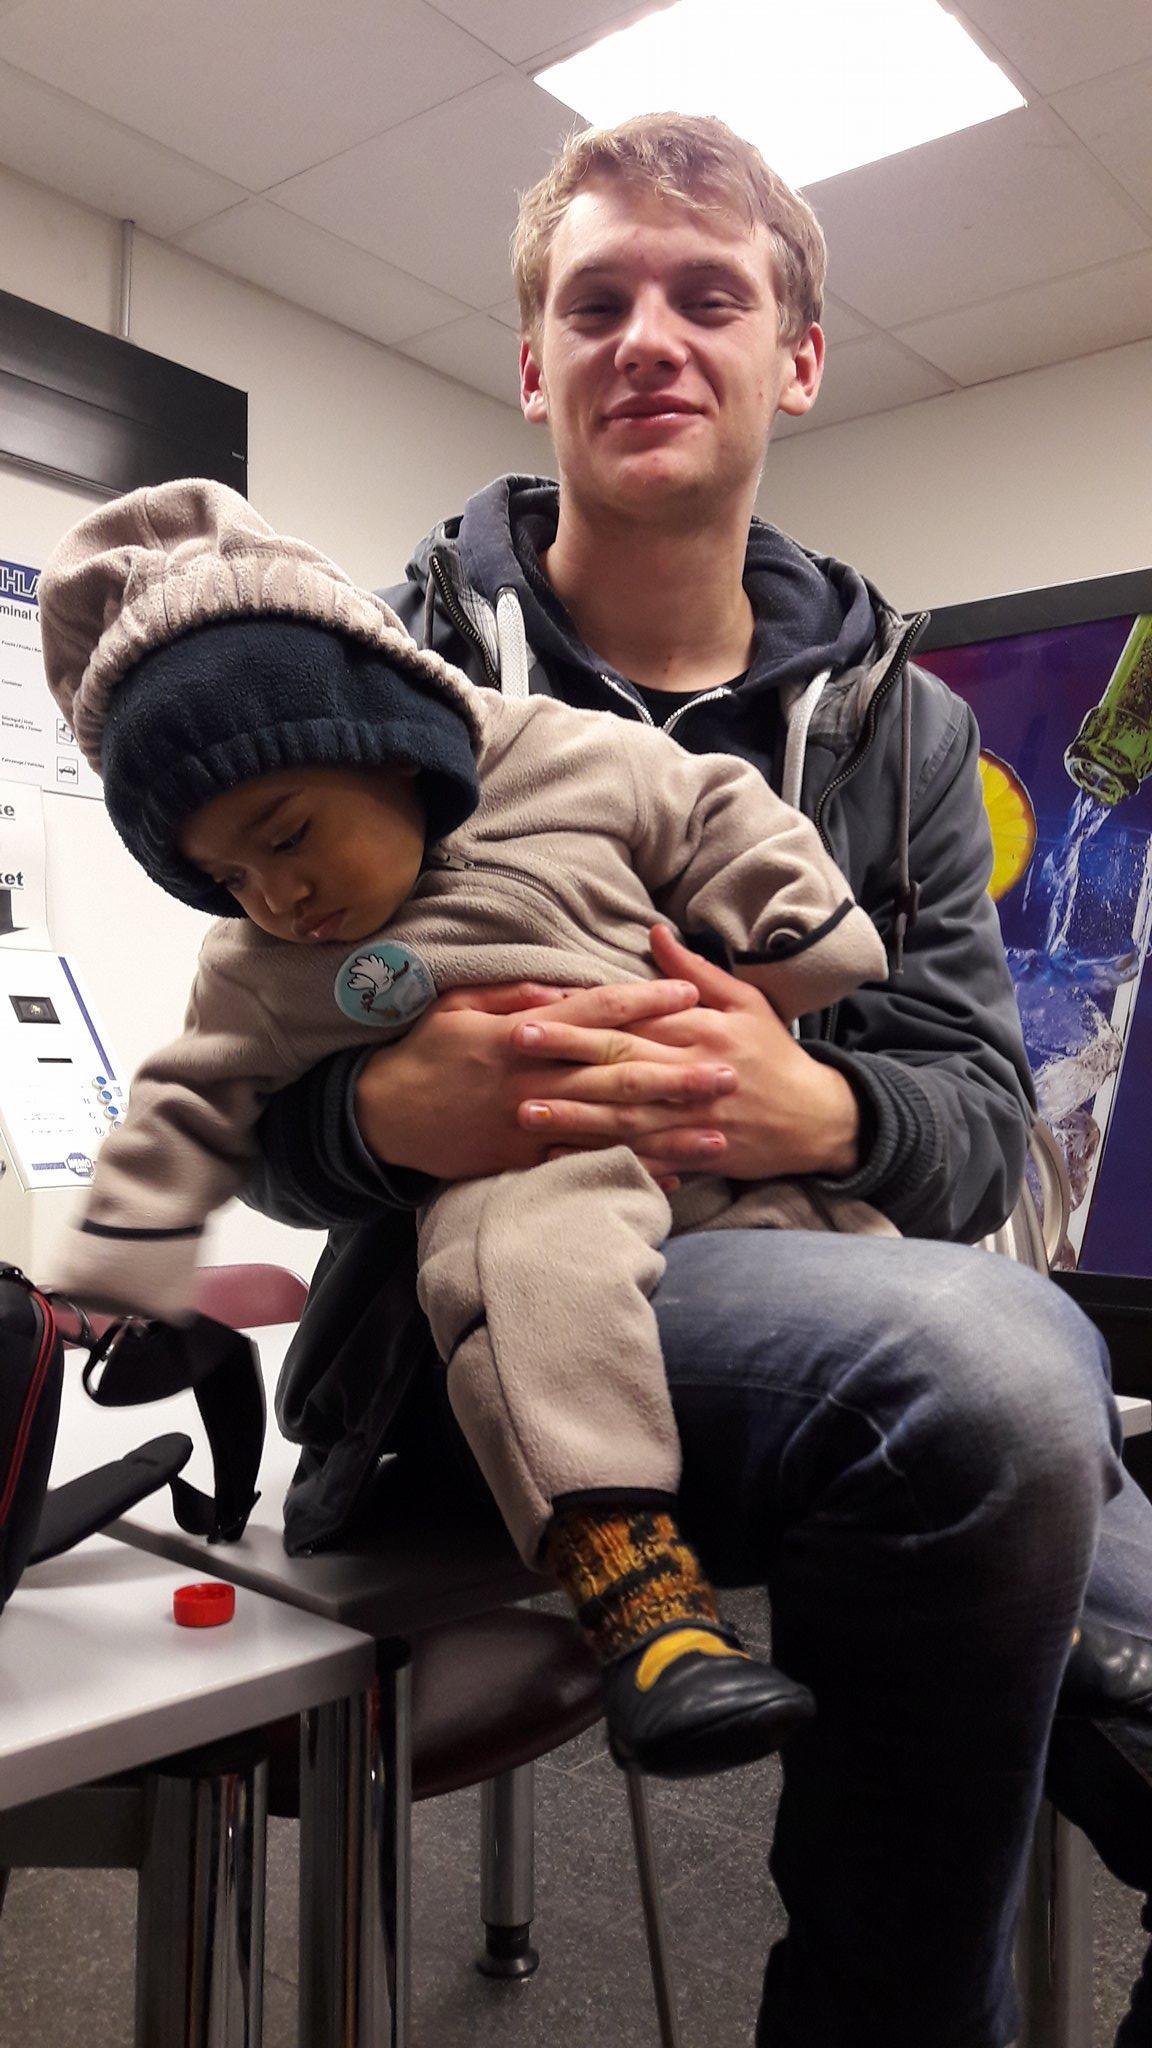 25.11.16 Andy als Babysitter im Warteraum